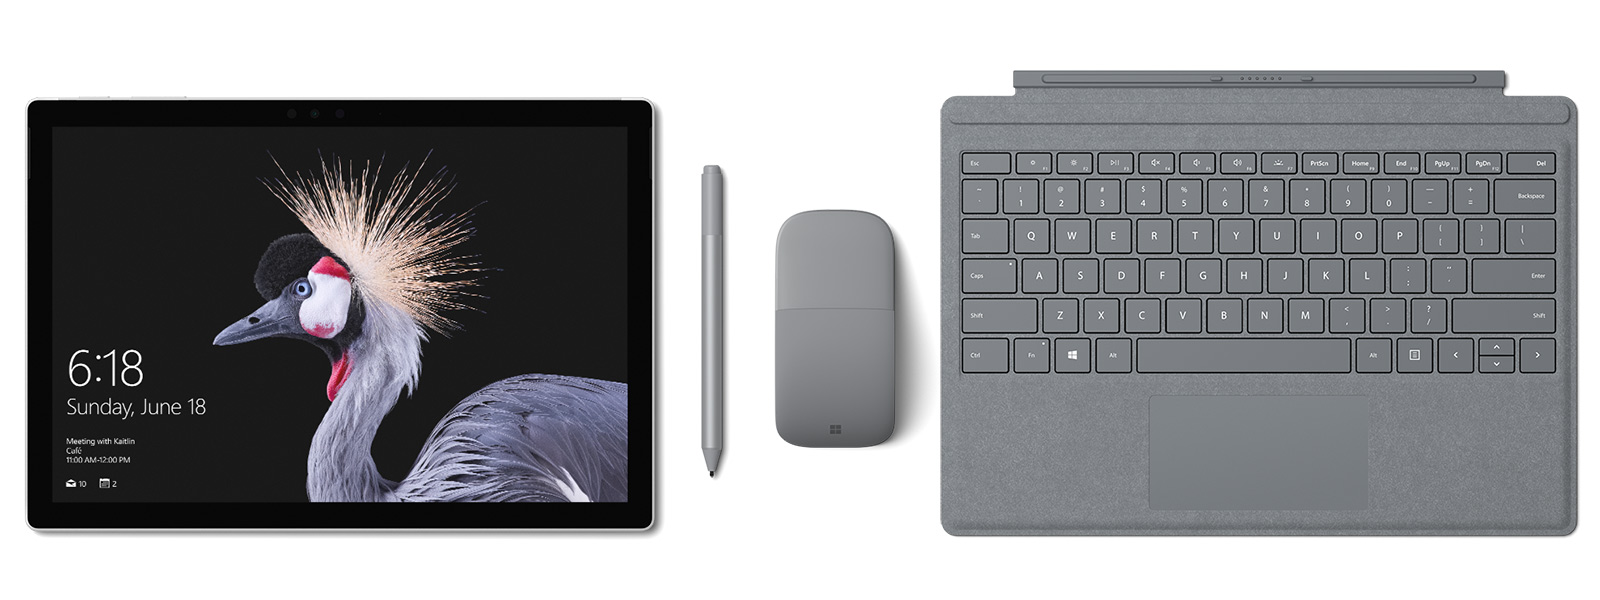 Immagine di Surface Pro con la Cover con tasti Signature per Surface Pro, la Penna per Surface e Surface Arc Mouse in platino. La Penna per Surface lo accompagna.